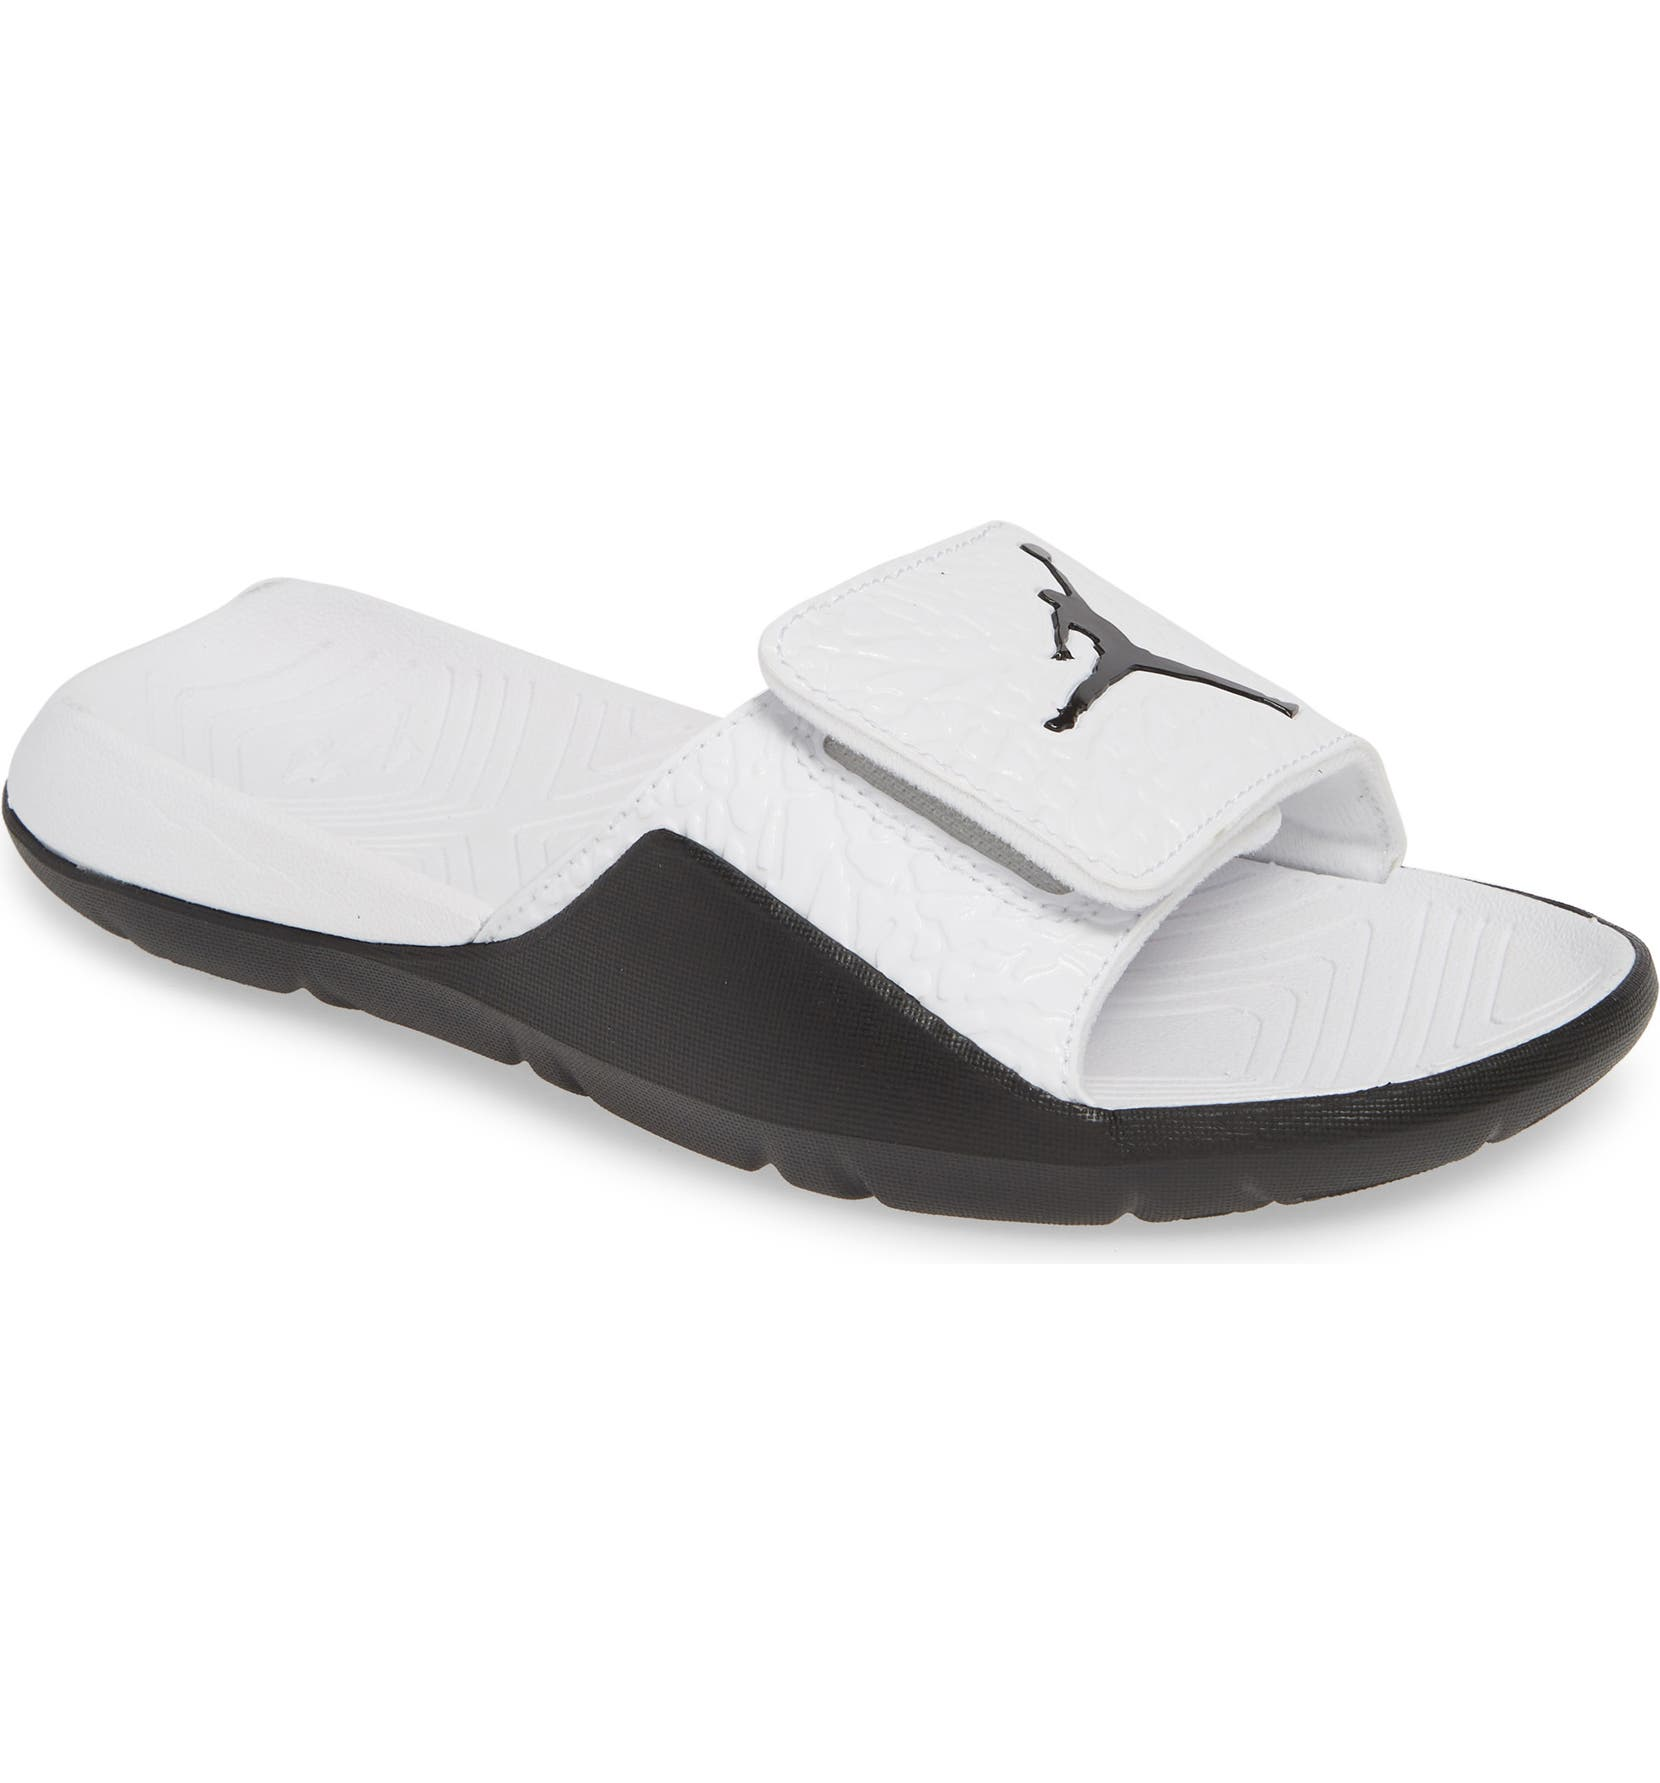 33b89b9d4 Jordan Hydro 7 V2 Sandal (Walker